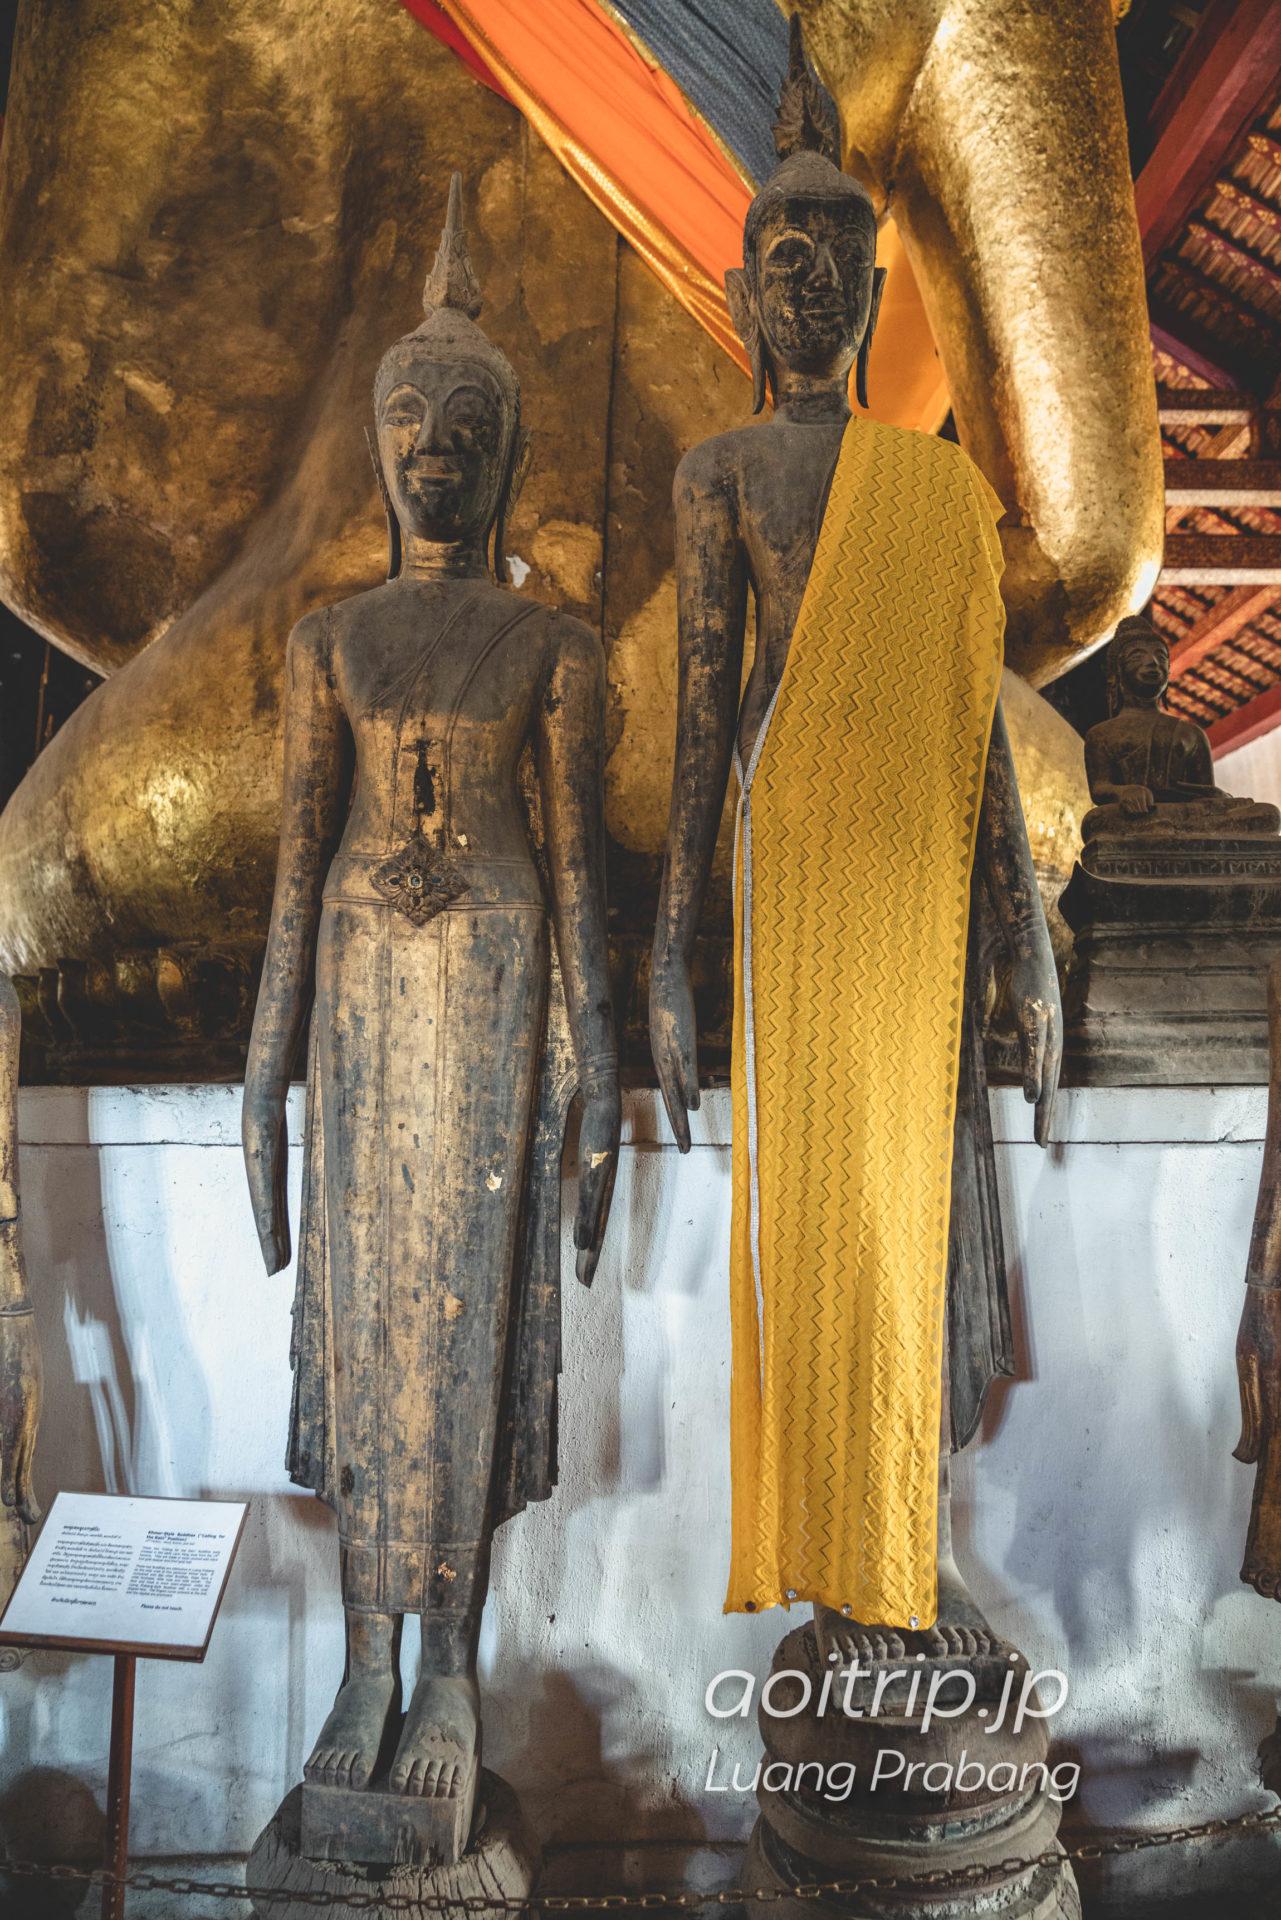 ワット ビスンナラート クメール様式の仏像